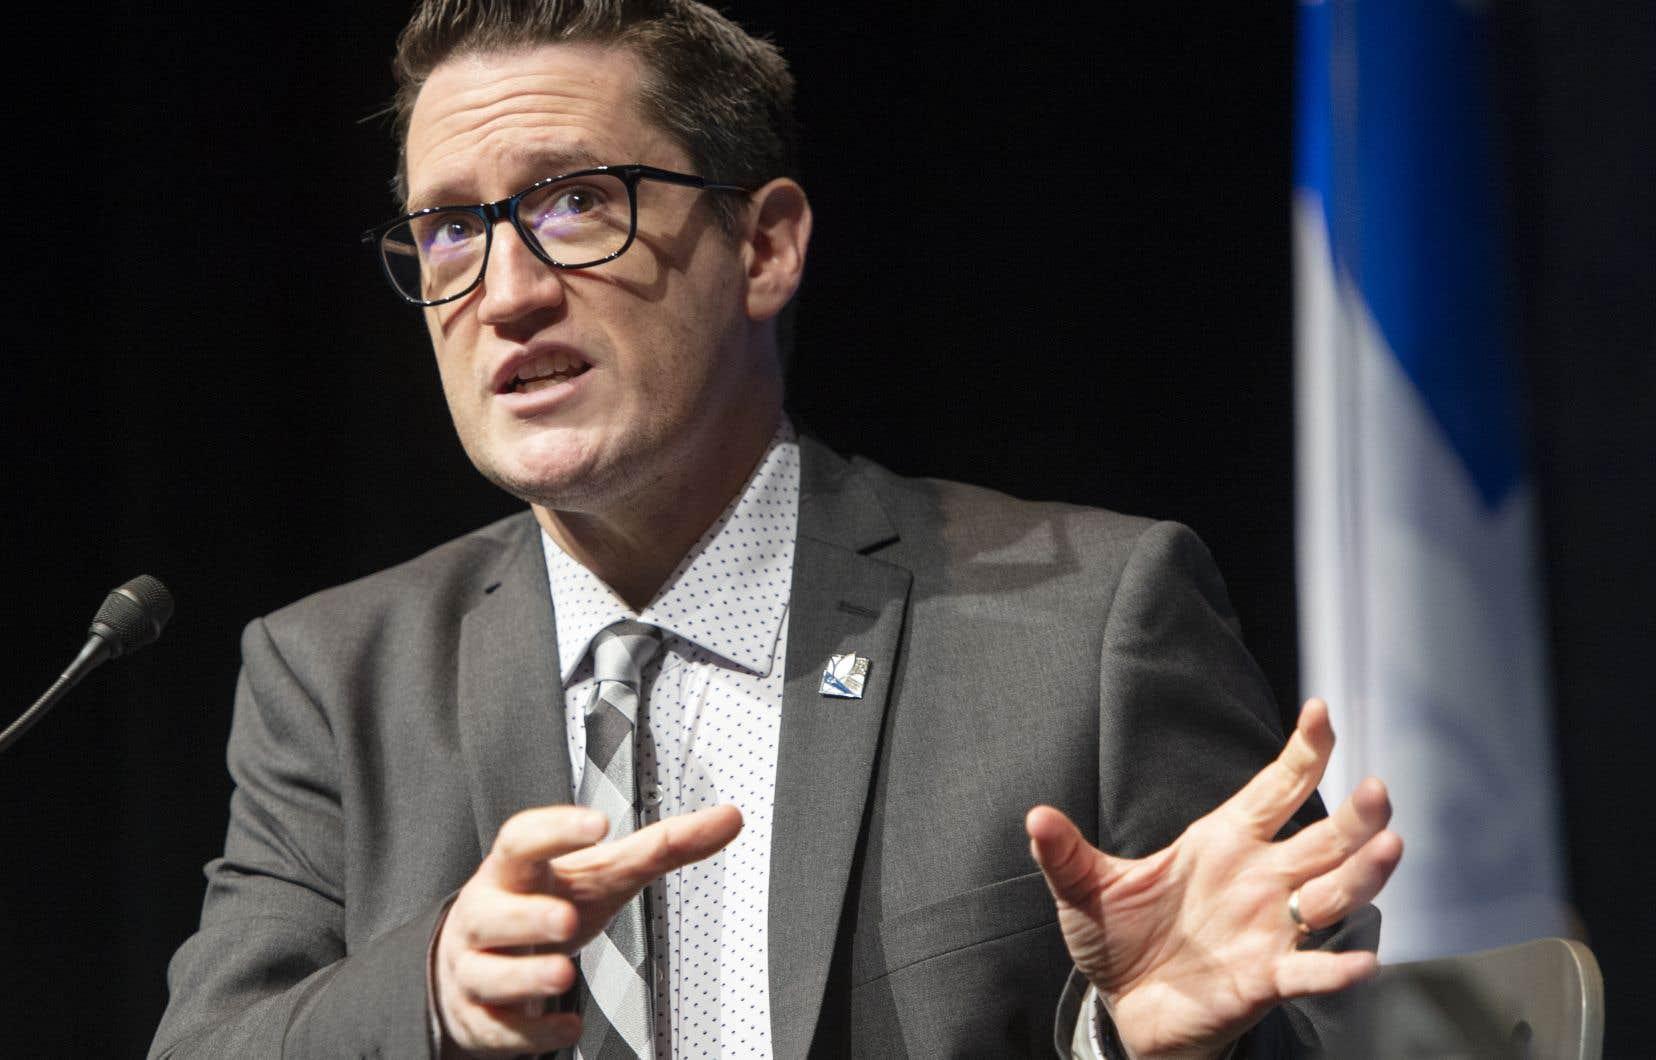 Le ministre de l'Environnement, Benoit Charette, fera une conférence de presse au Saguenay pour expliquer pourquoi ce projet ne respecte pas les conditions fixées par le gouvernement en matière de lutte contre la crise climatique et d'acceptabilité sociale.